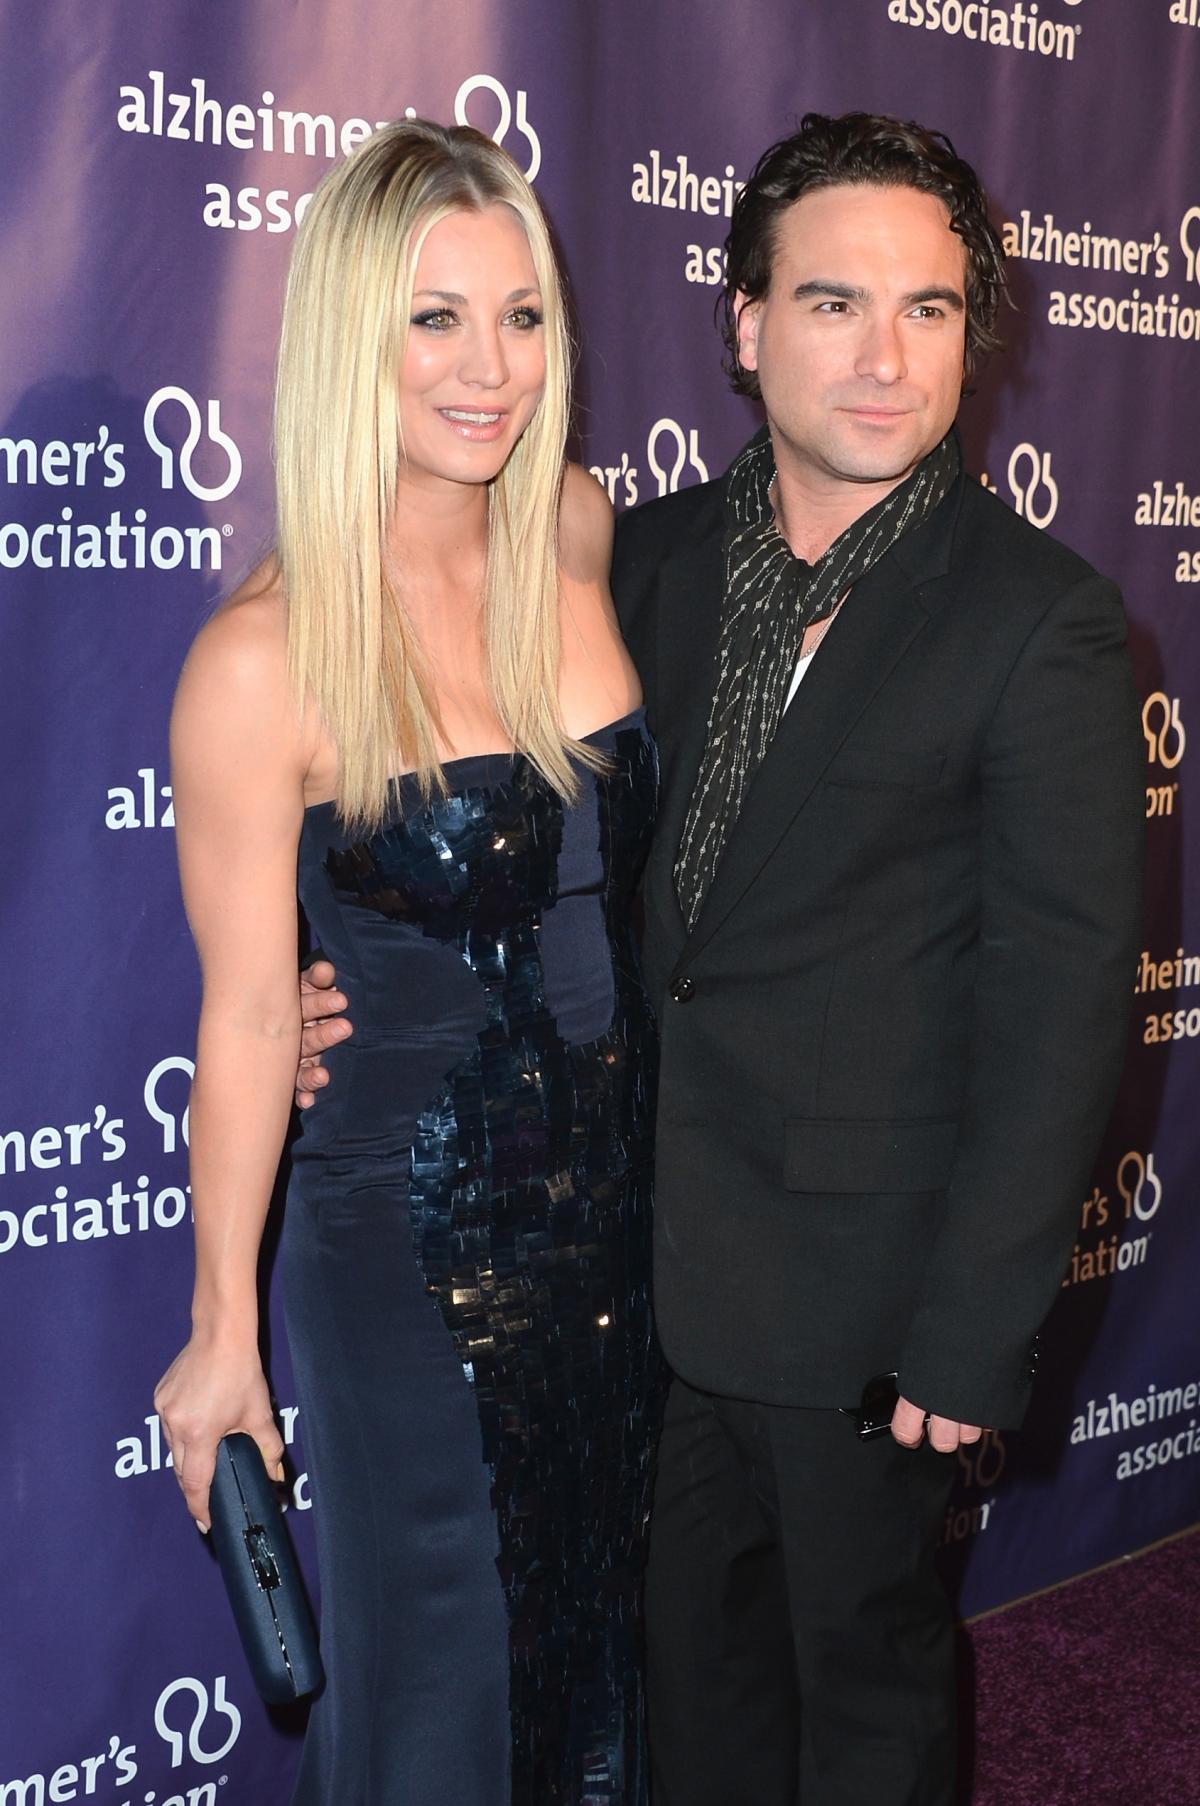 Kaley Cuoco and Johnny Galecki dating again? Big Bang ...